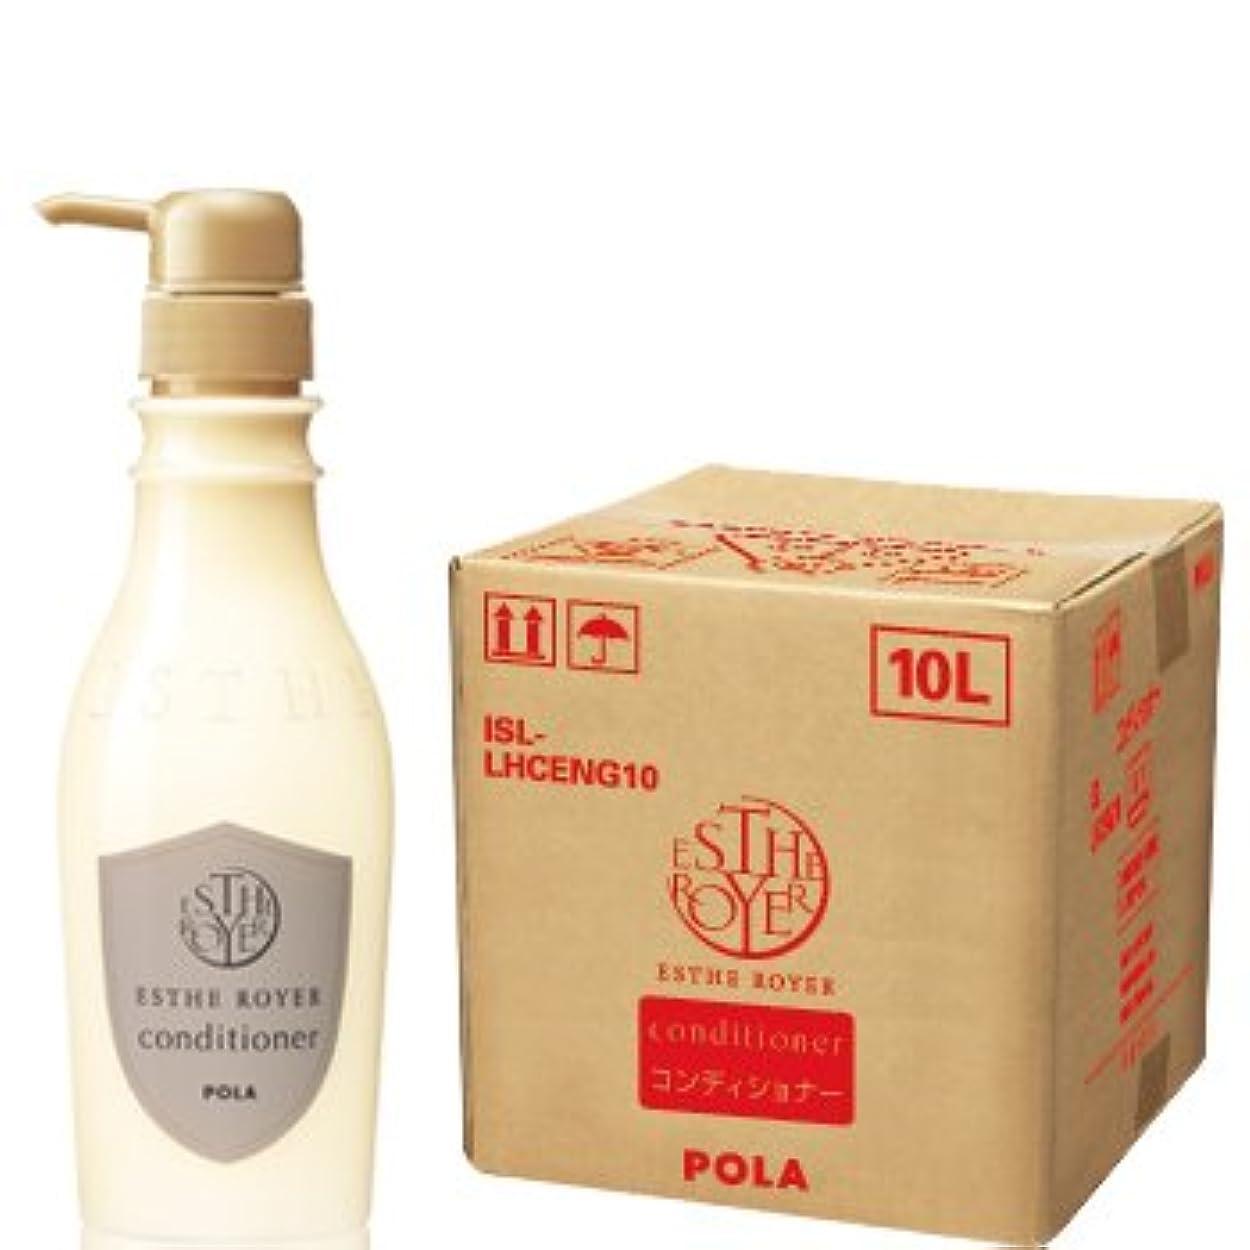 潜在的な優遇魅力POLA エステロワイエ業務用 コンディショナー 10L (1セット10L入)